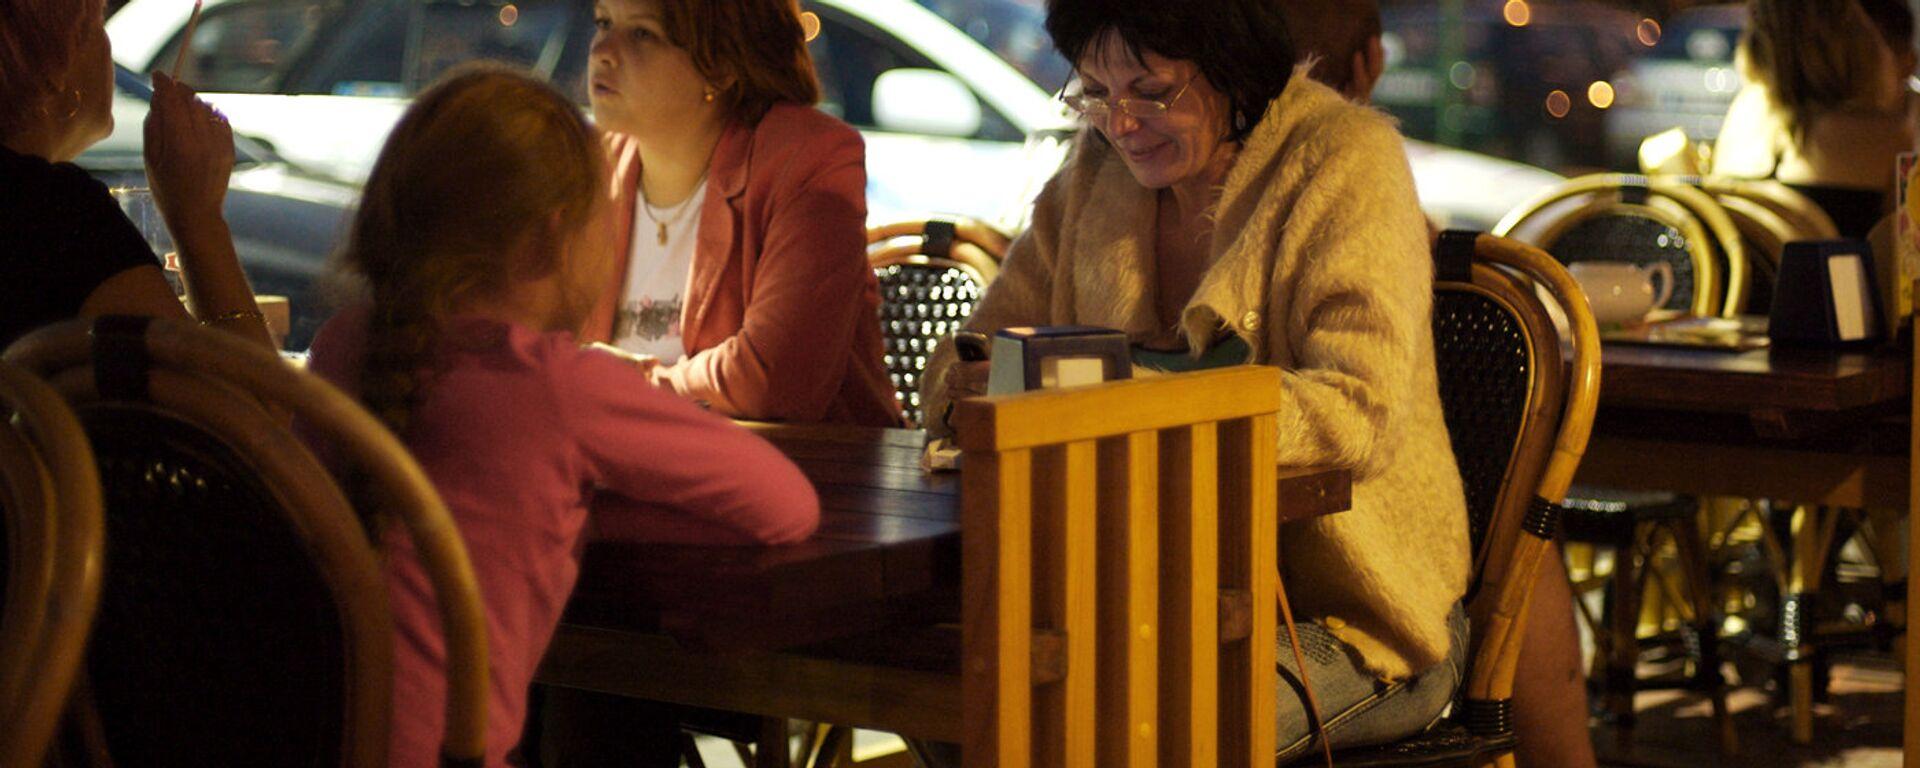 Ужин в кафе Риги - Sputnik Латвия, 1920, 07.09.2021